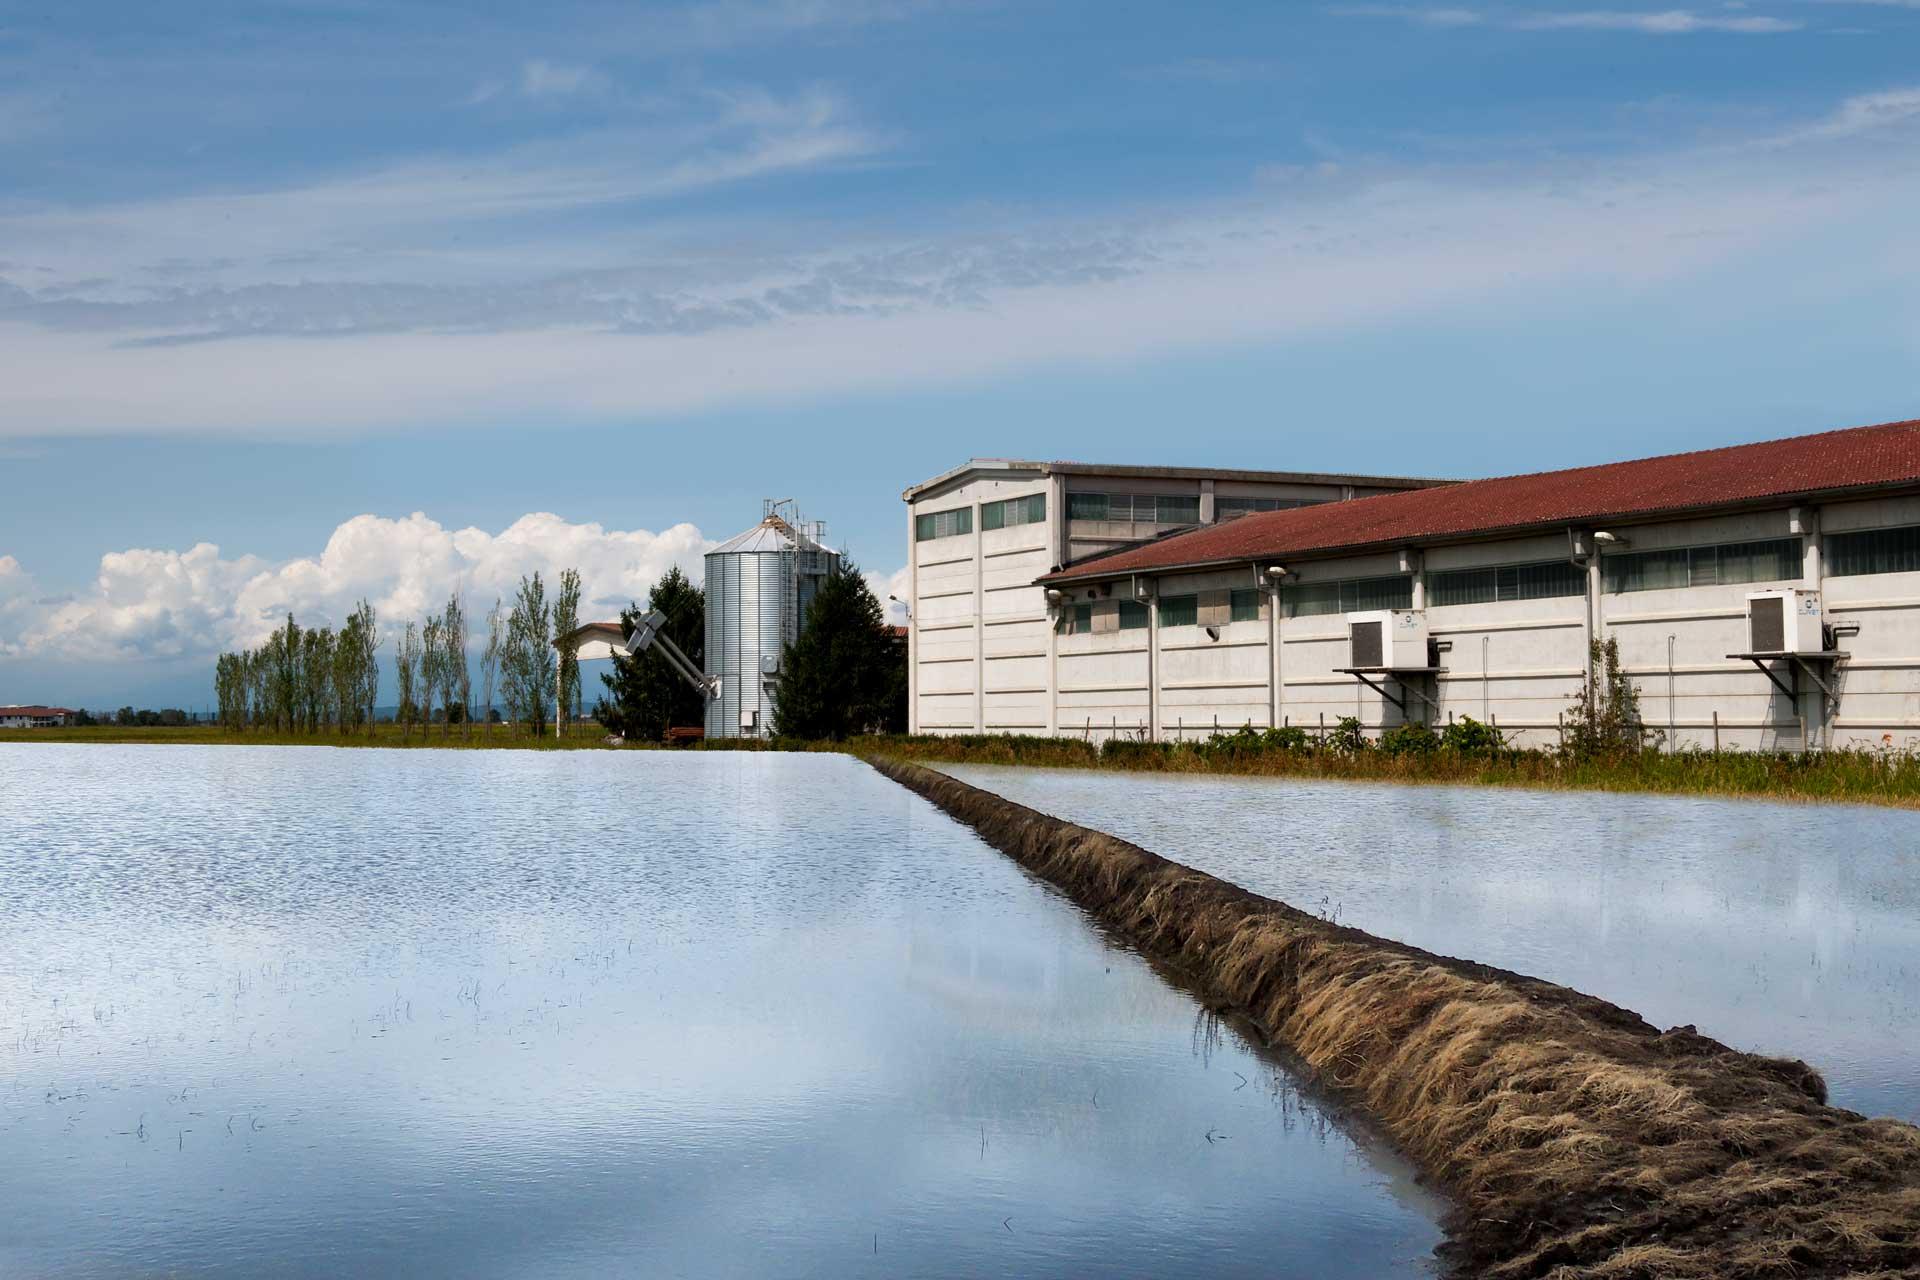 agricola-lodigiana-nel-cuore-del-riso-azienda-agricola-riseria-ronsecco-vercelli-risaia